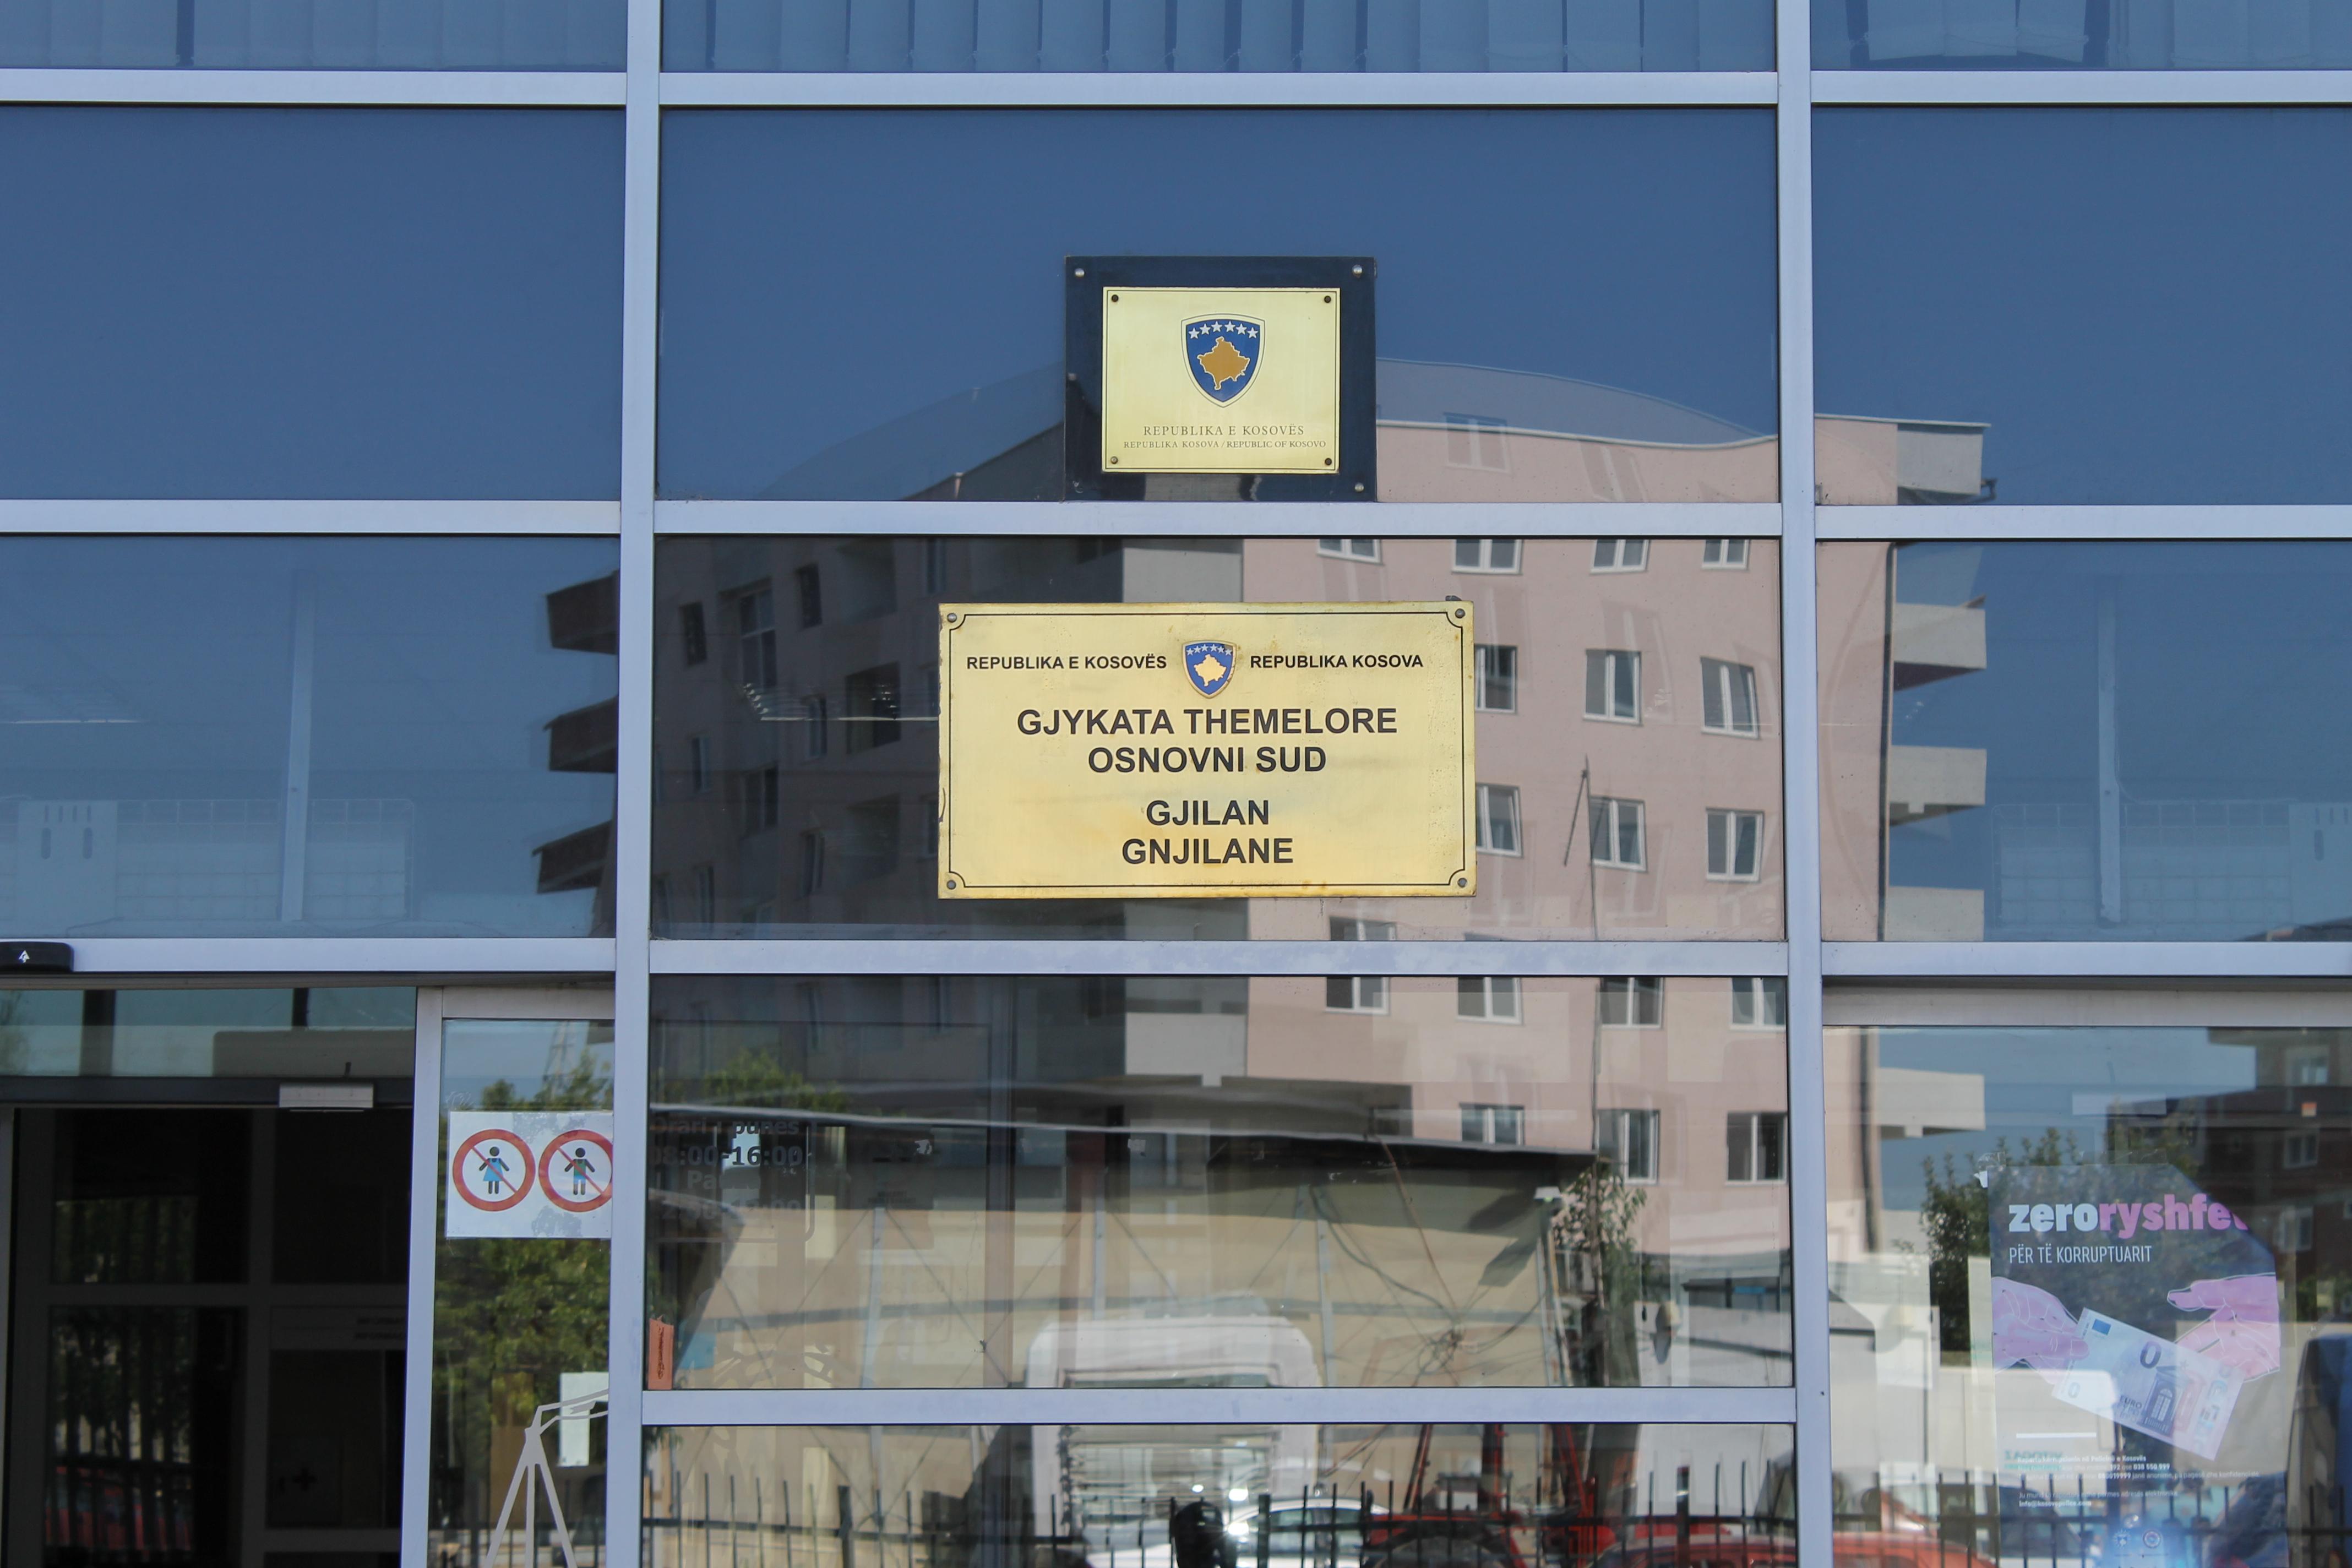 Ngacmonte me publikim të fotove, Gjykata i cakton një muaj paraburgim të pandehurit